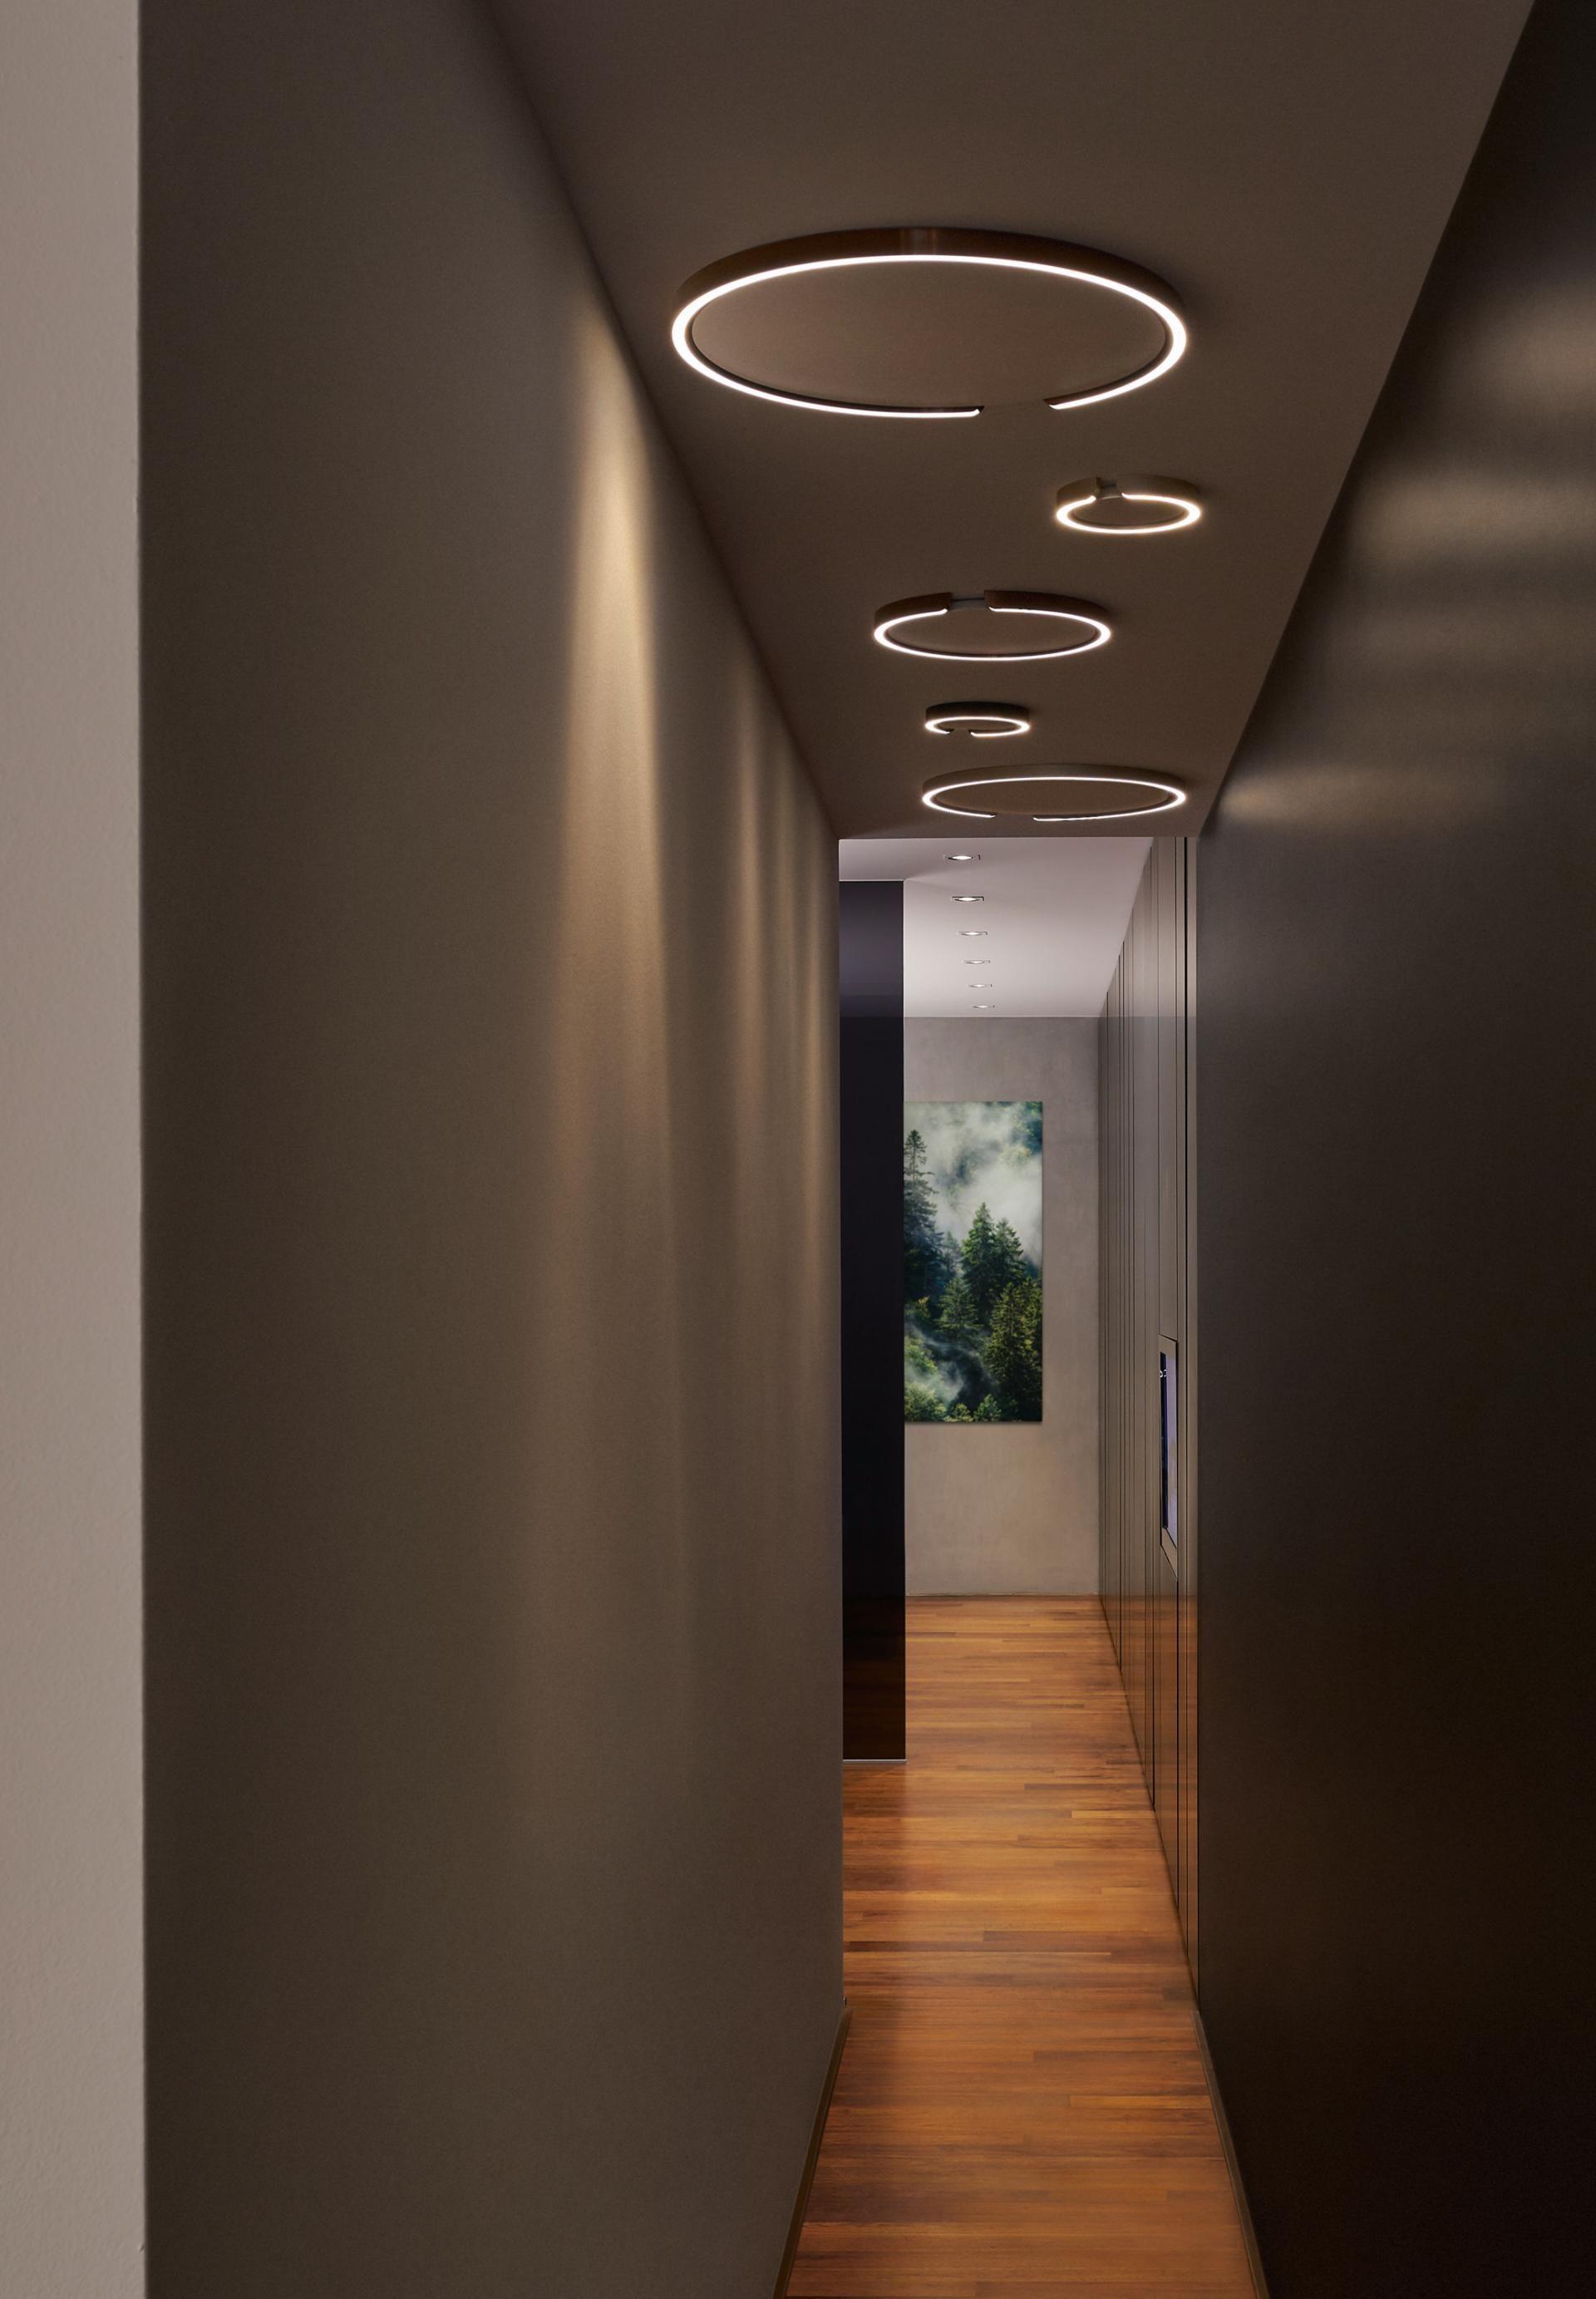 De plafondplaat van lamp is hier meegeverfd met het plafond hierdoor lijkt te zijn ingebouwd also new pop false ceiling designs roof design for living room rh pinterest